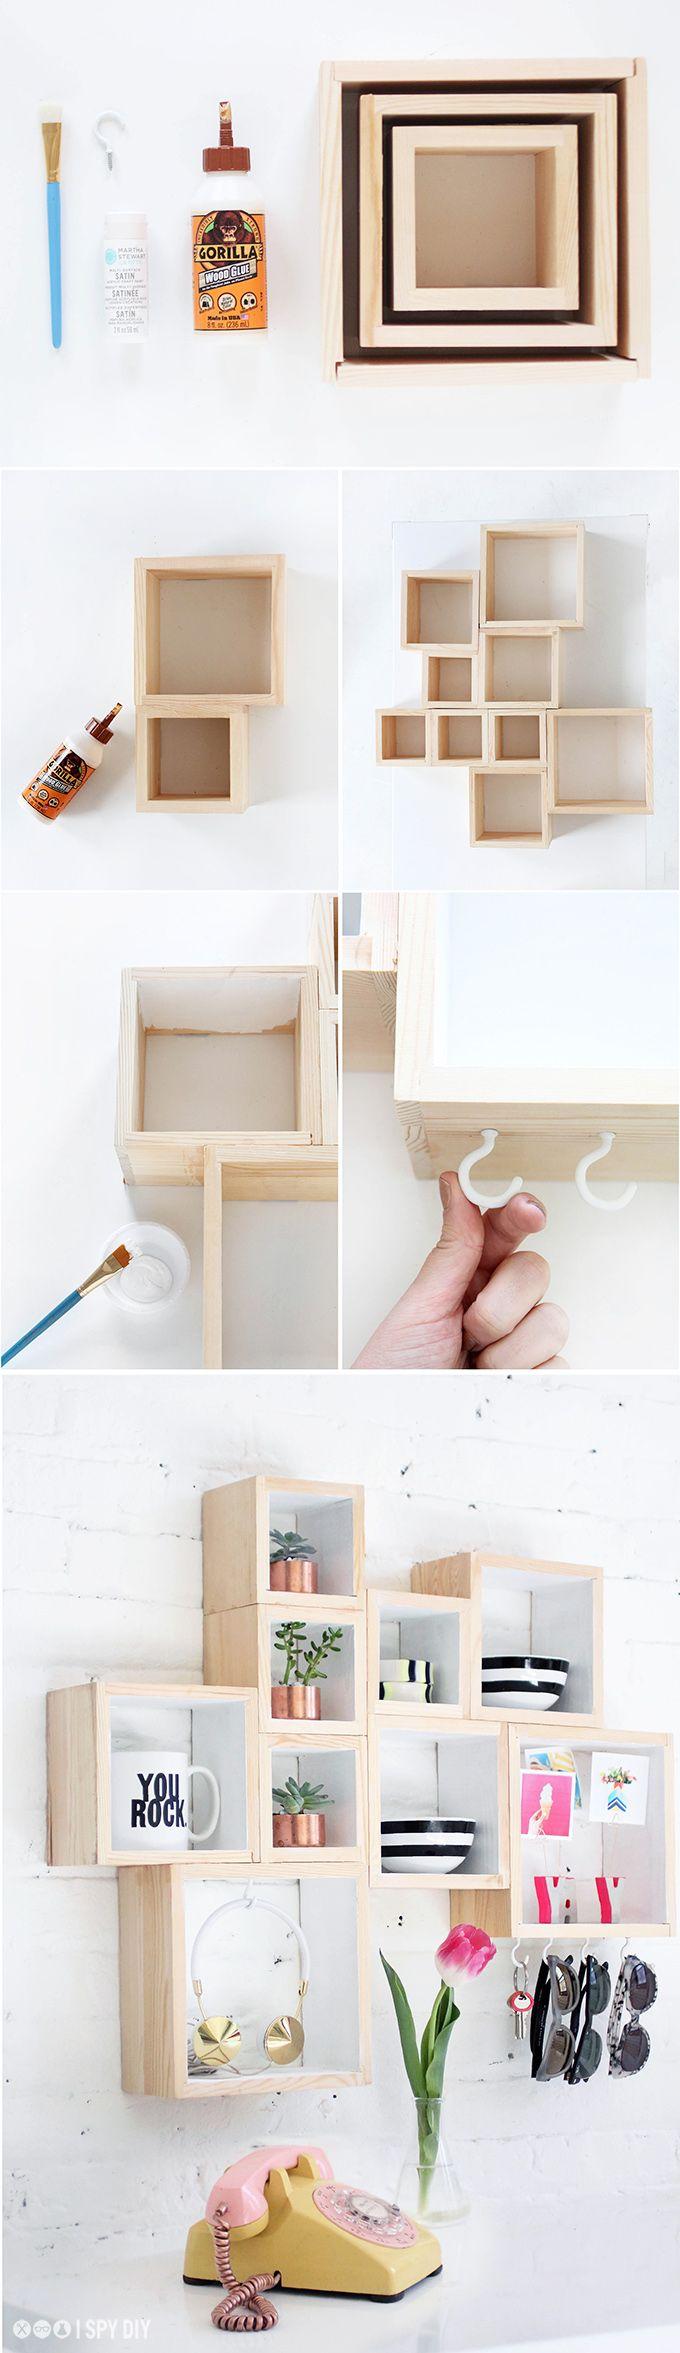 Badezimmer ideen für teenager pequeña estantería con cajas de madera  stylisch einfach und regal